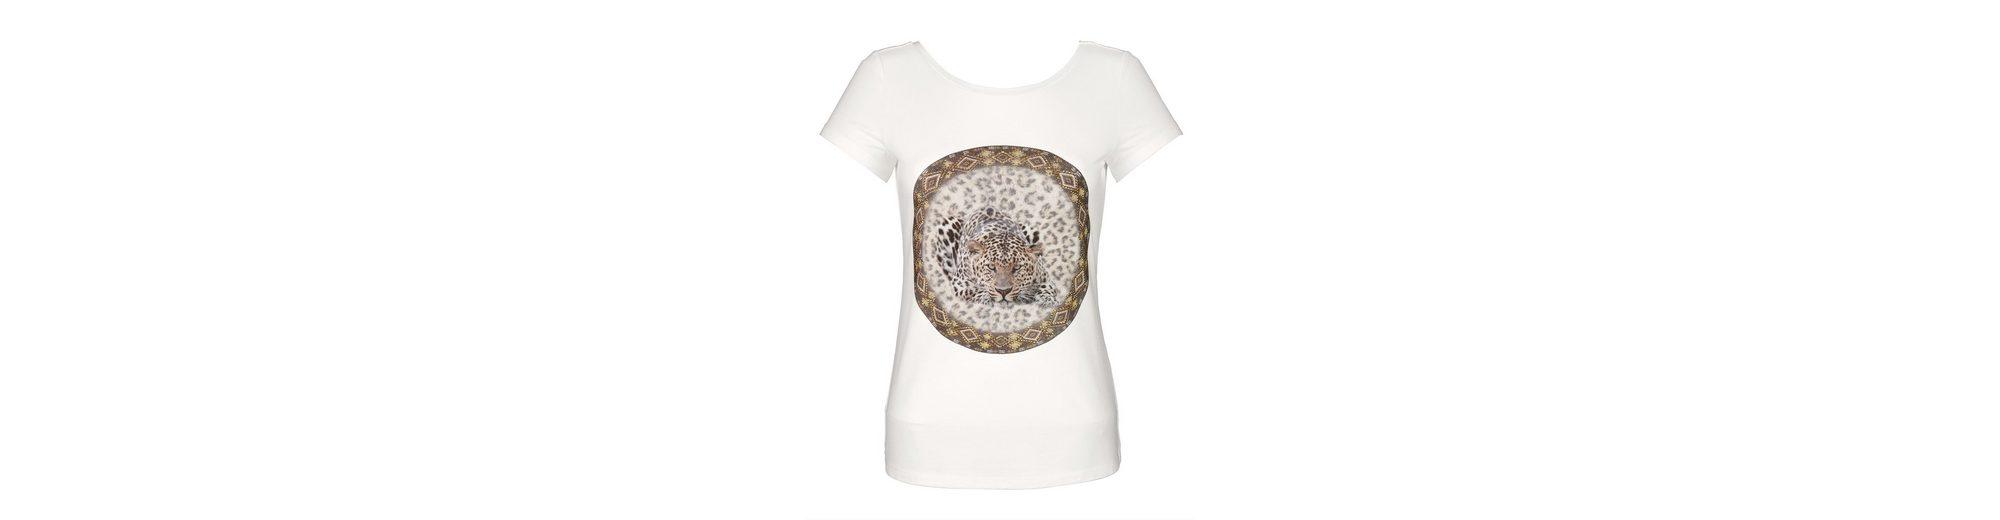 Alba Moda Shirt mit Ziersteinen Spielraum Store A8VOKuDNw